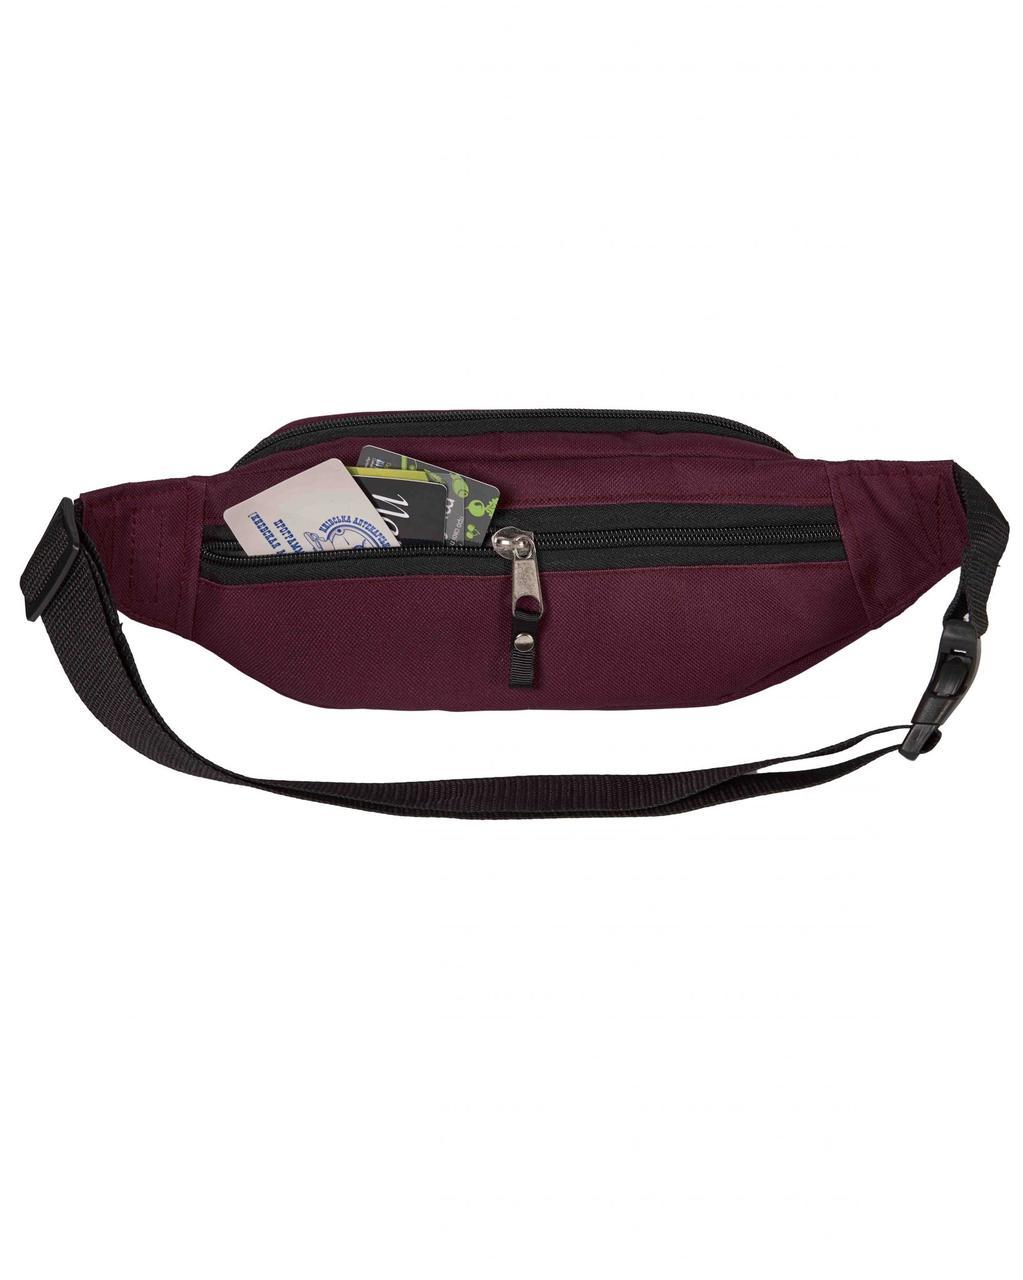 289265bc9b4d Поясная сумка бордовая Primo Surikat (бананка, сумка на пояс): 225 ...